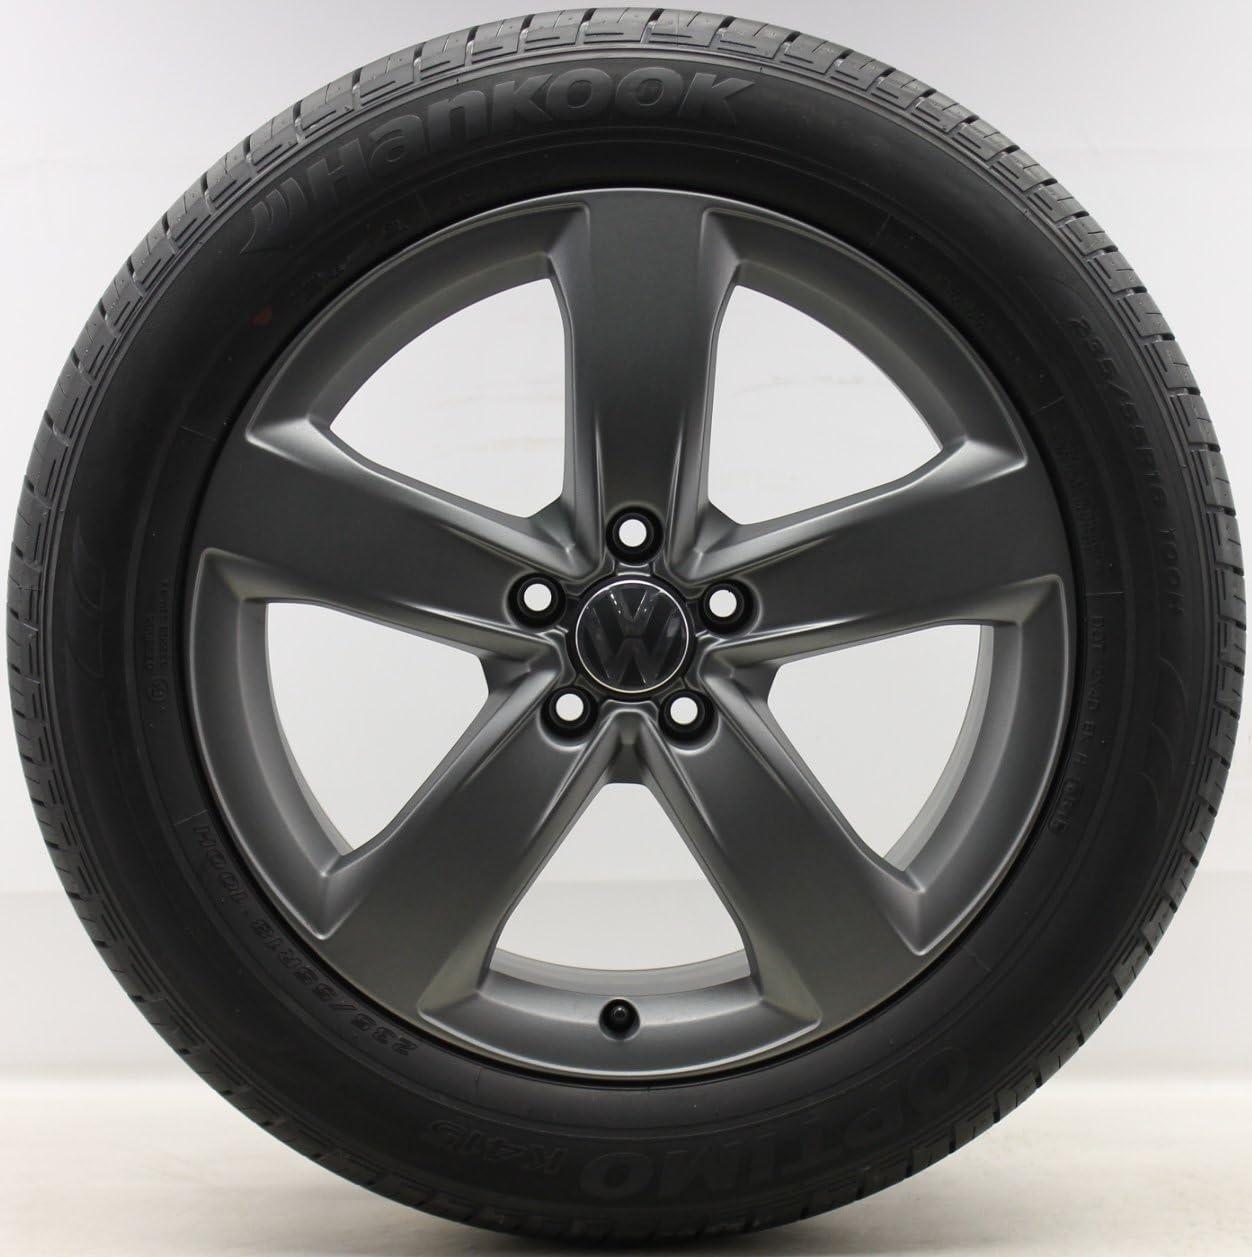 4 Skoda kodiaq NS 18 pulgadas Invierno ruedas 7,5 x 18 ET37 Original Audi Llantas 4 G de m TM: Amazon.es: Coche y moto